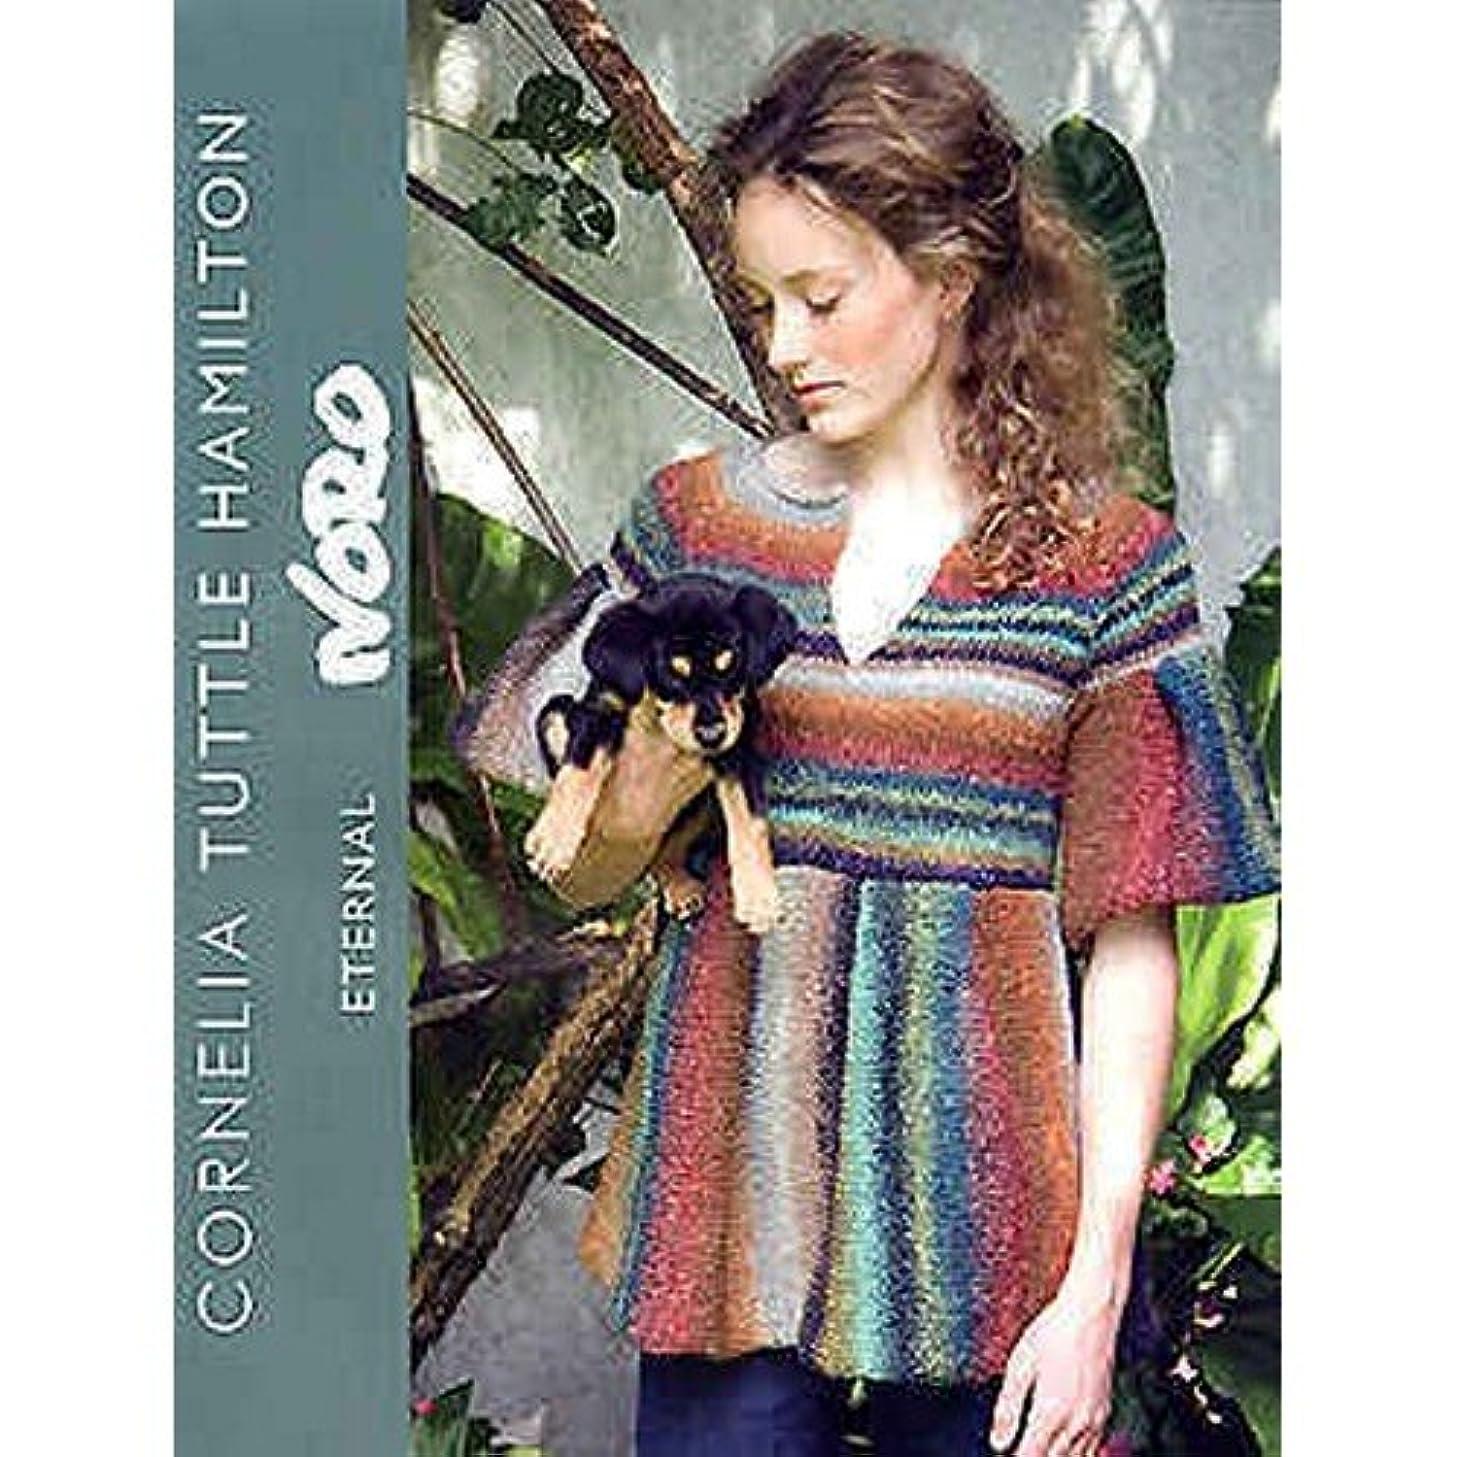 Noro Knitting Patterns Cornelia Tuttle Hamilton Eternal Noro